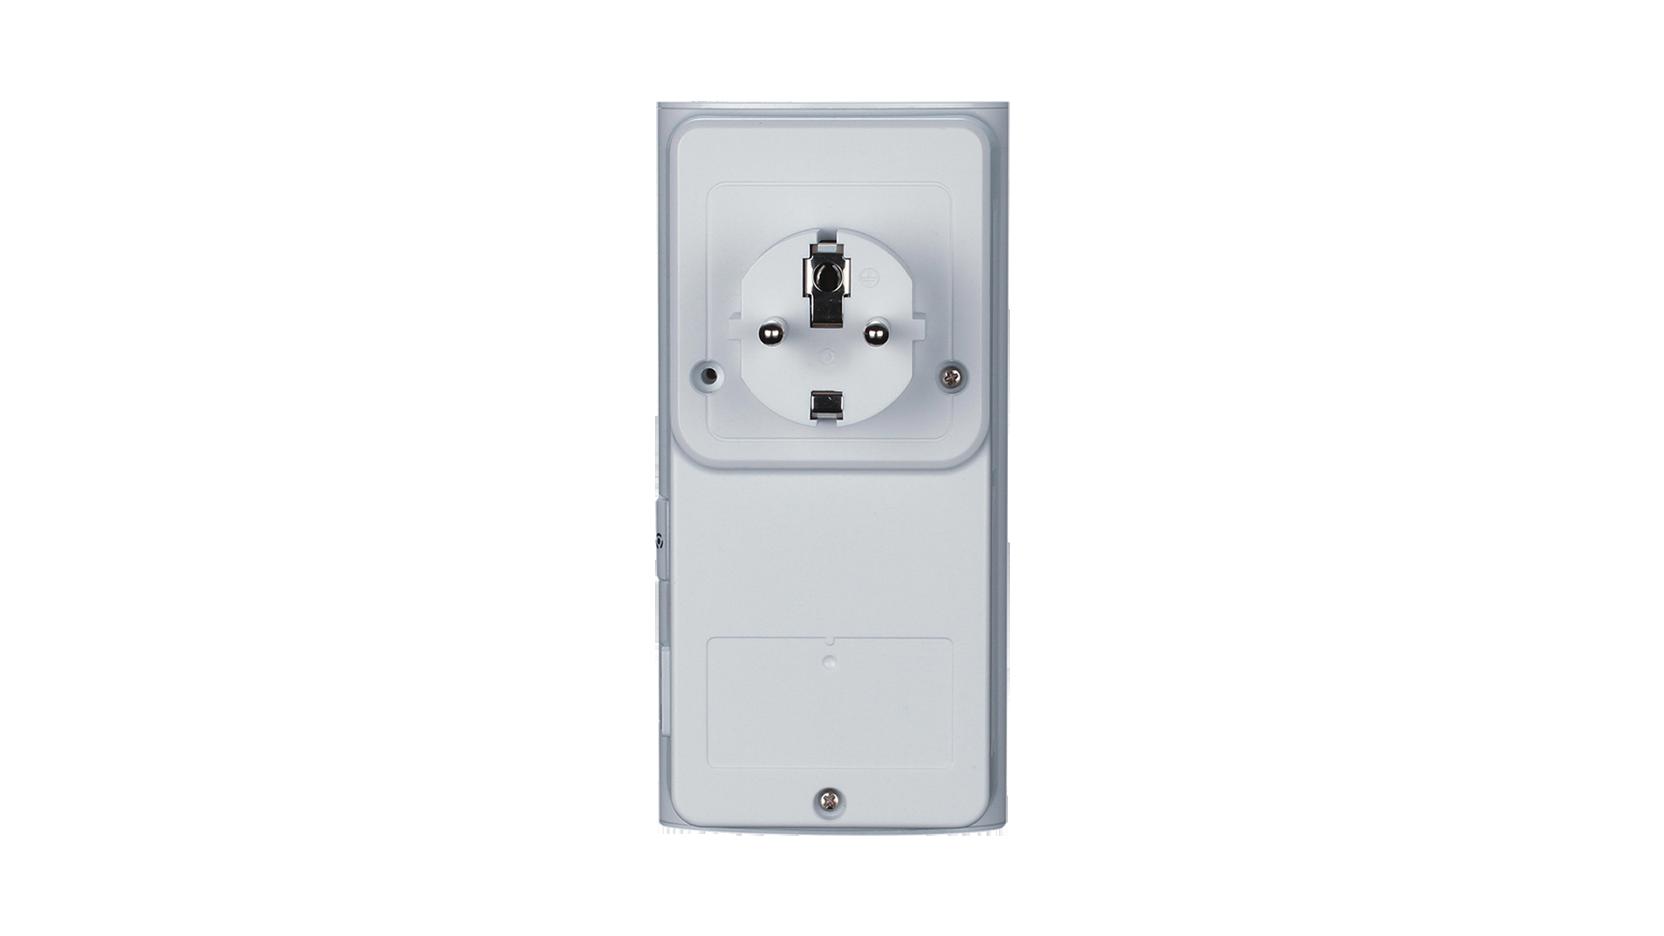 Dhp P306av Homeplug Av Powerline Network Adapter With Using Ethernet For Home Media Streaming Integrated Grip